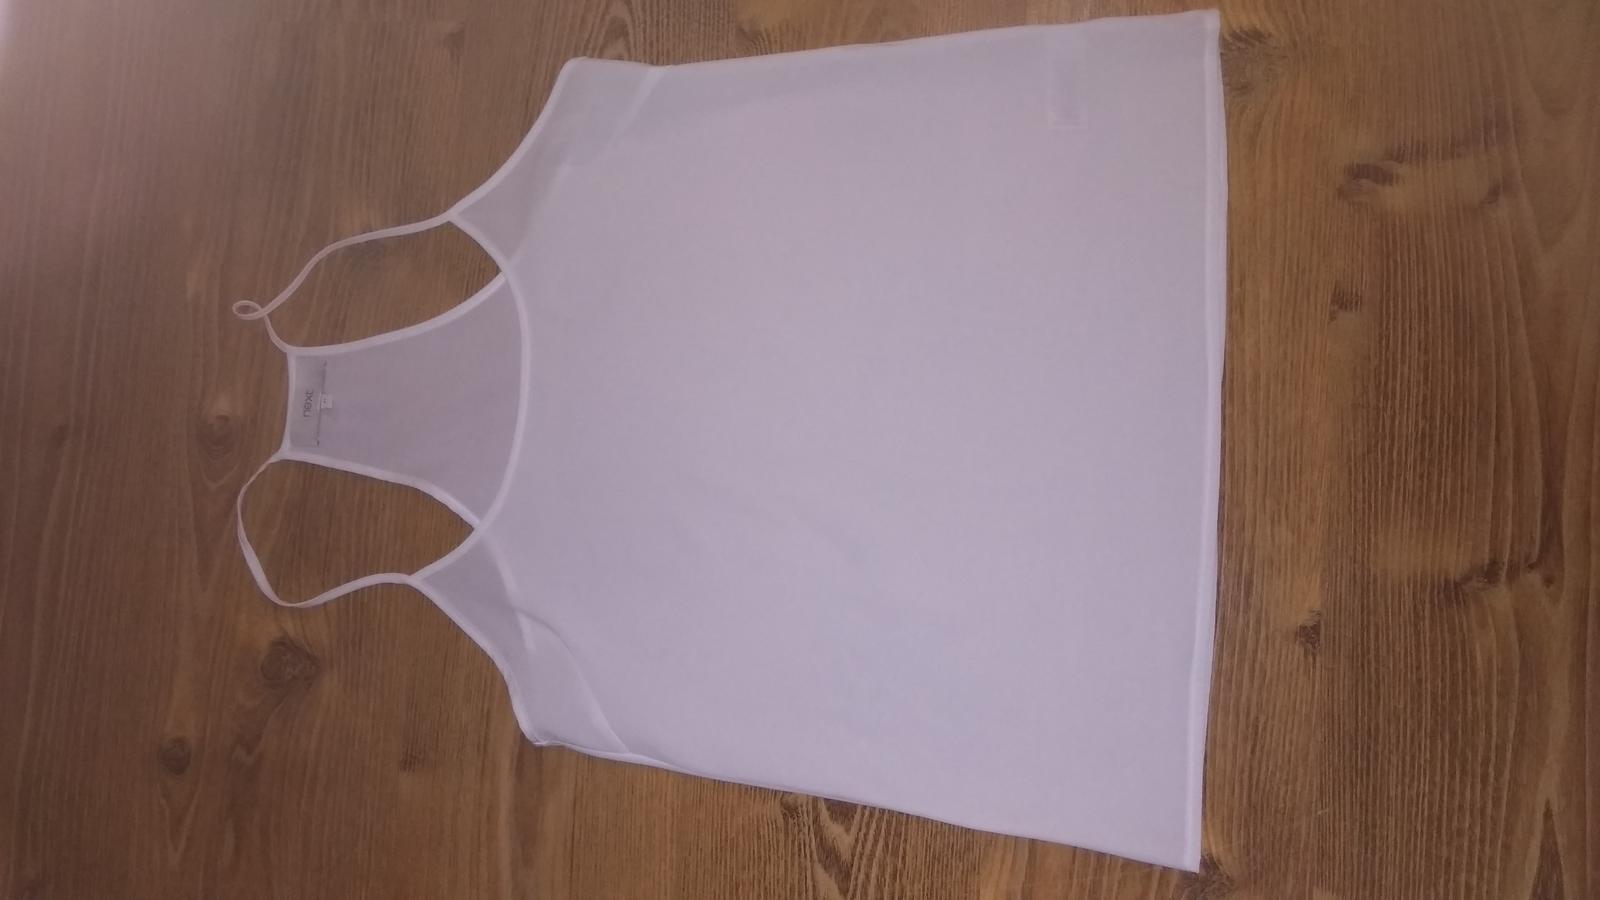 Next, tielková blúzka, raz oblečená  - Obrázok č. 2